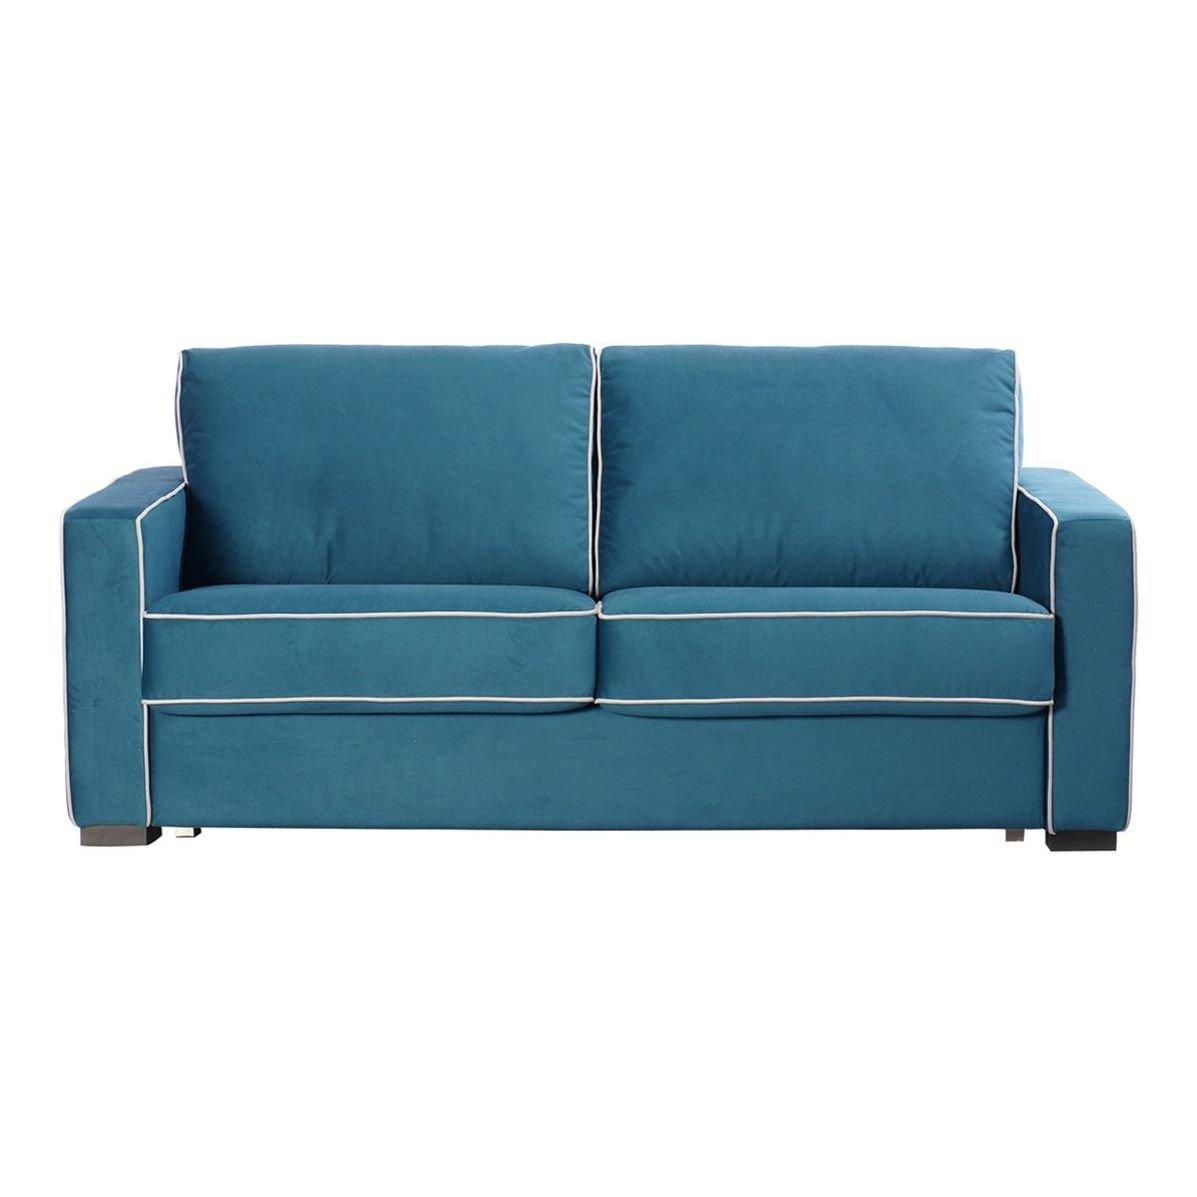 Sofá tapizado en tela con ribeteado